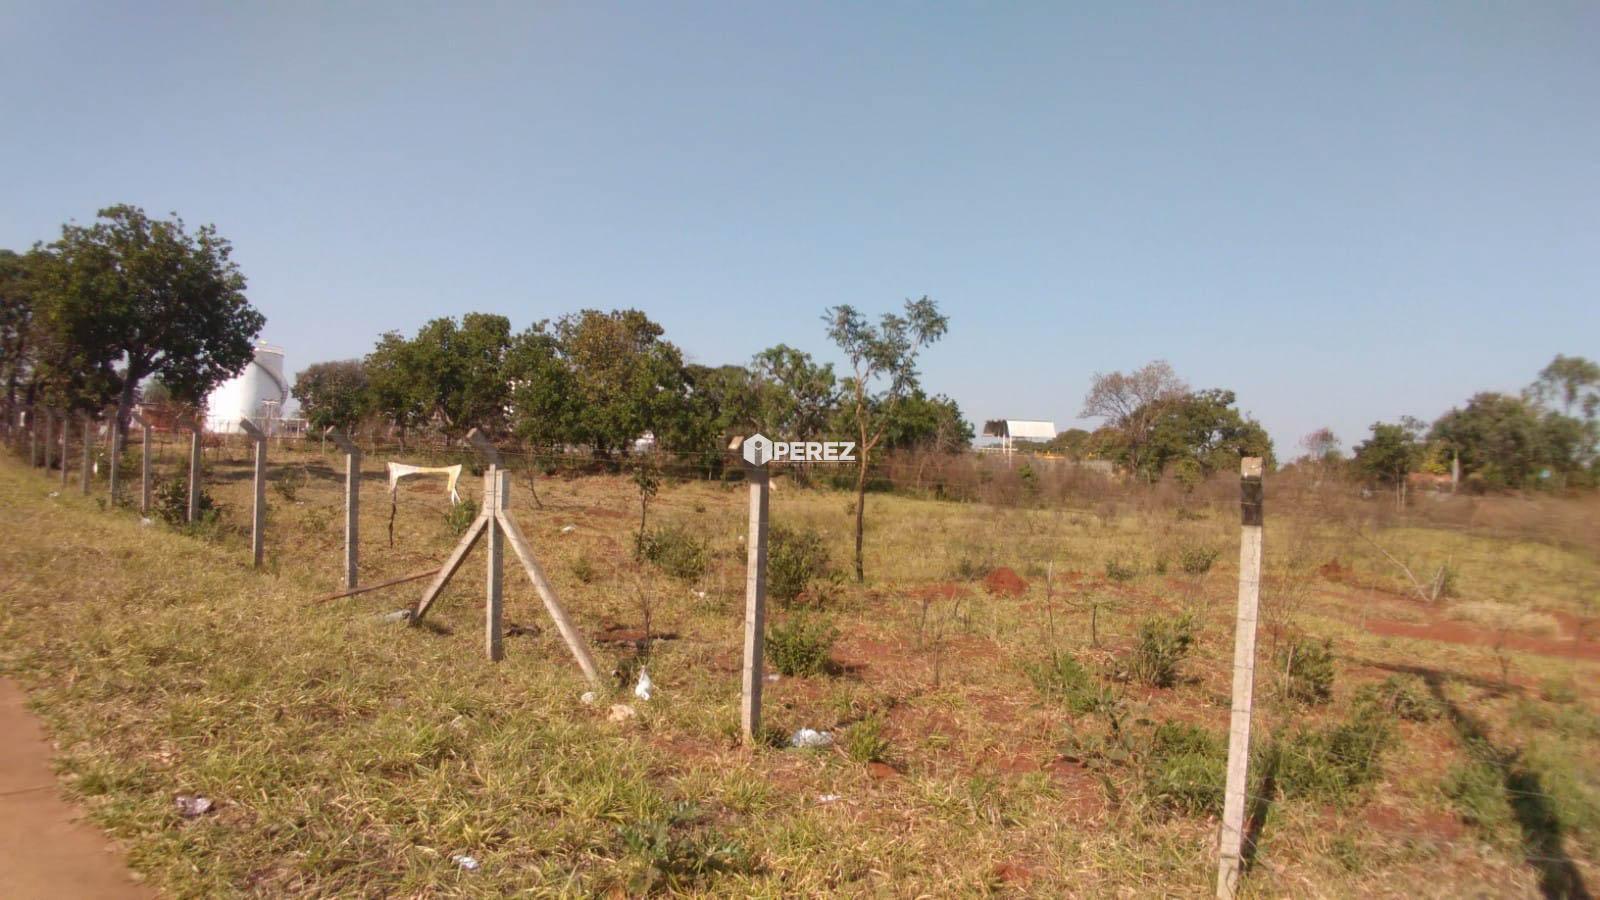 venda-campo-grande-ms-terreno-amaro-castro-lima-vila-nova-campo-grande-perez-imoveis